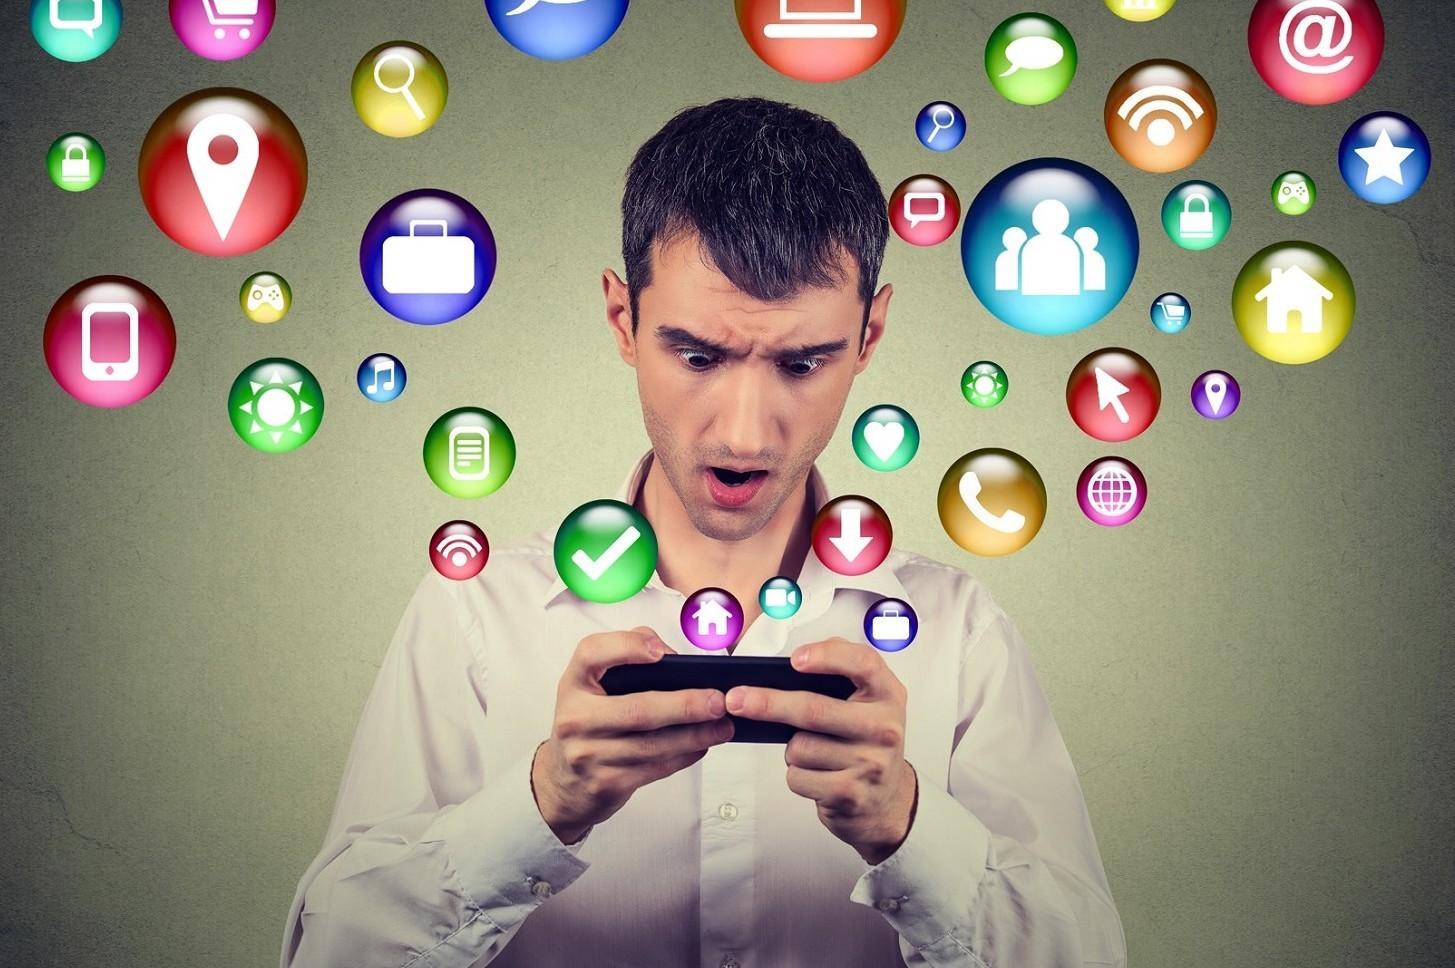 Insulti e offese online su Internet su Facebook, WhatsApp o email quando sono reato